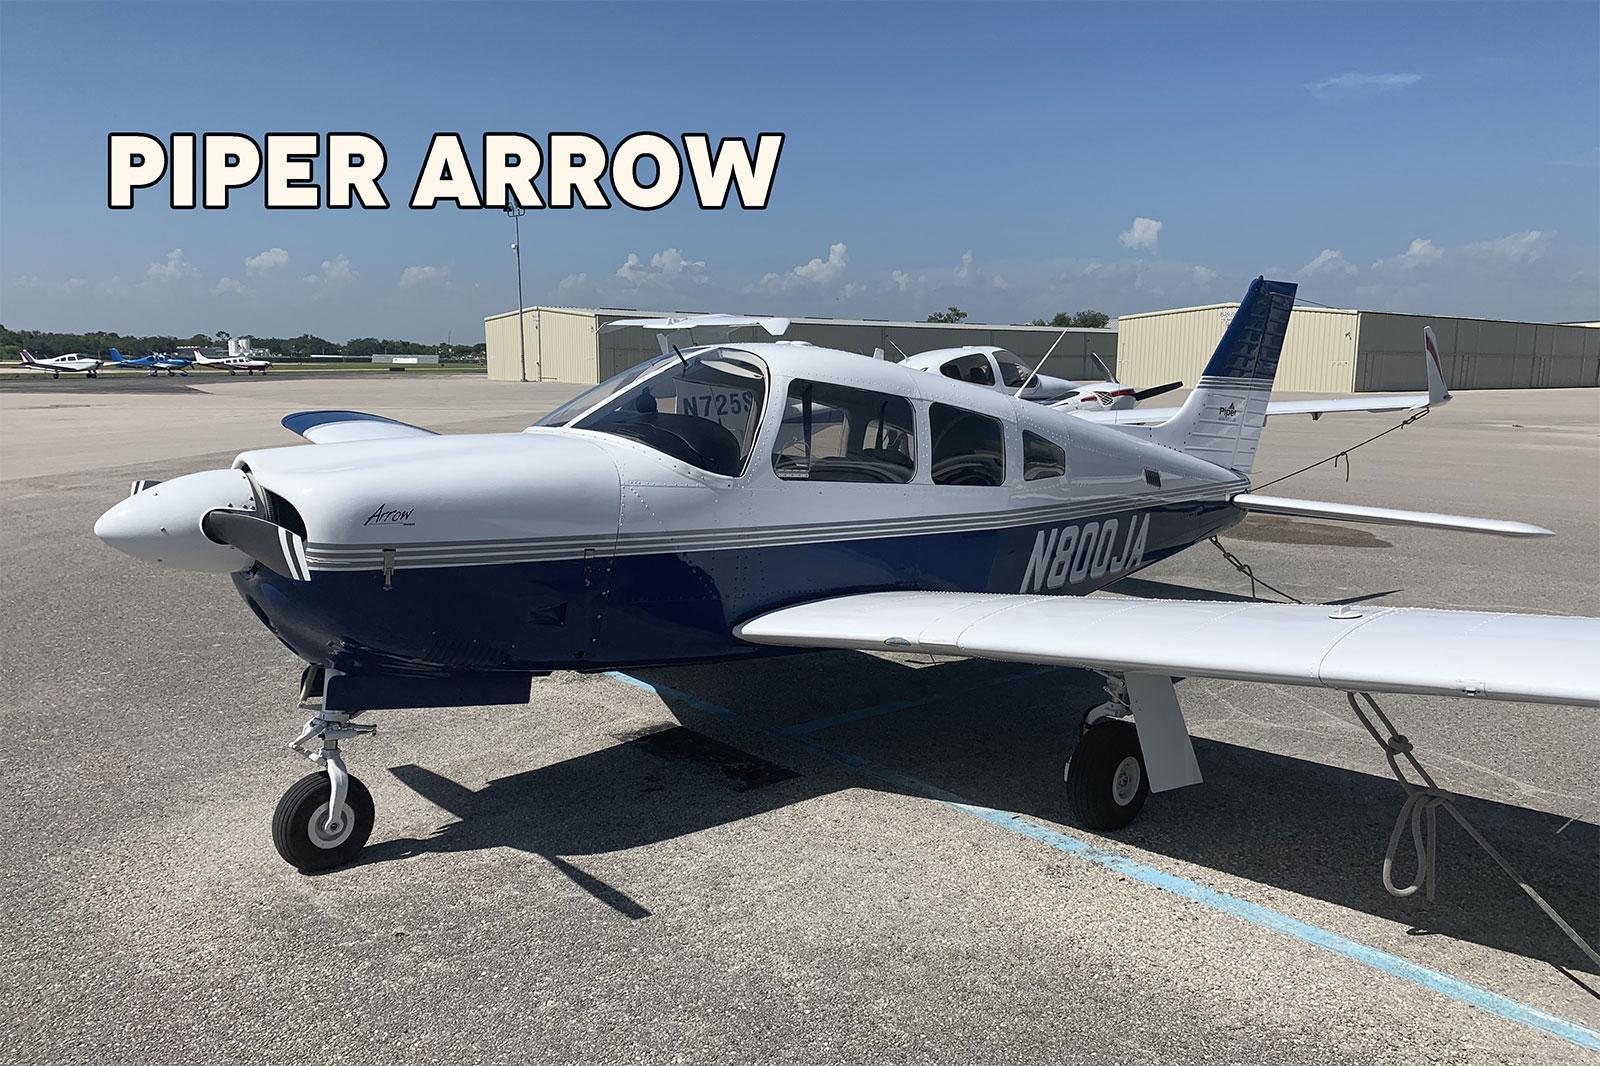 piper-arrow-new